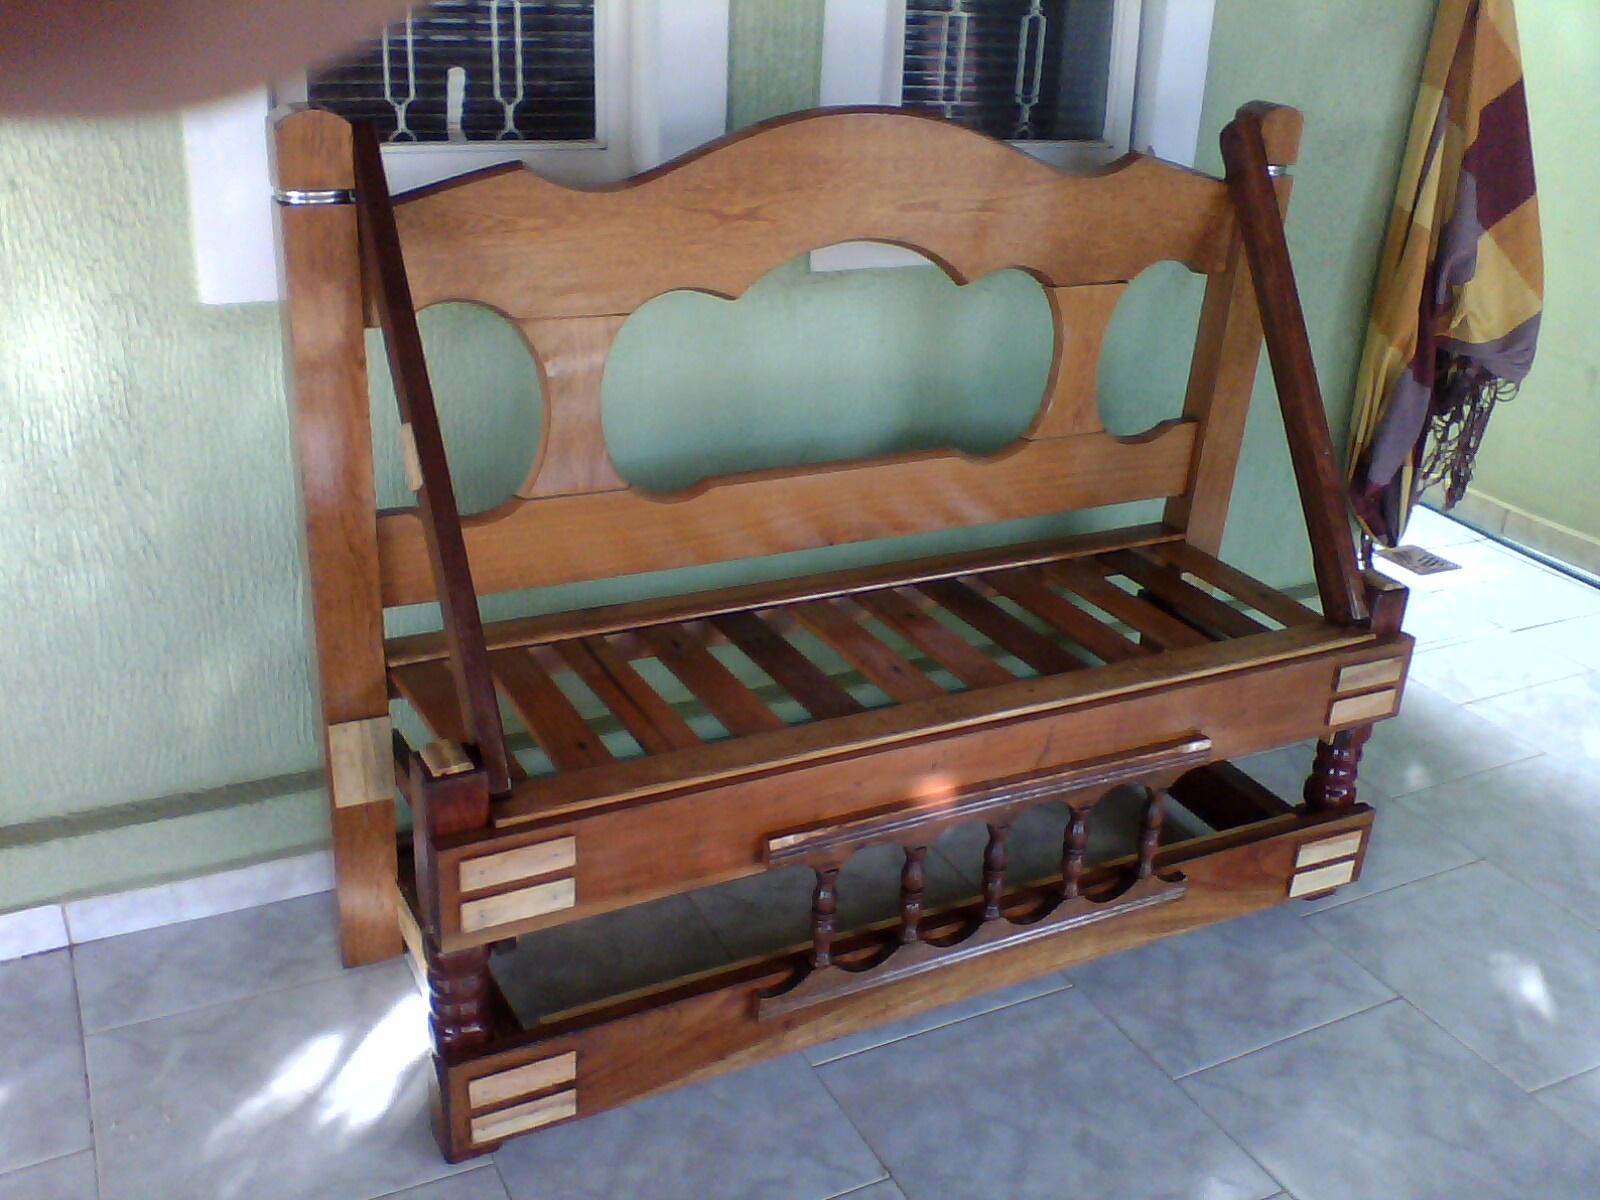 um Mundo Melhor: Transformando Cabeceiras de Cama e Cadeiras em Banco #6C4433 1600x1200